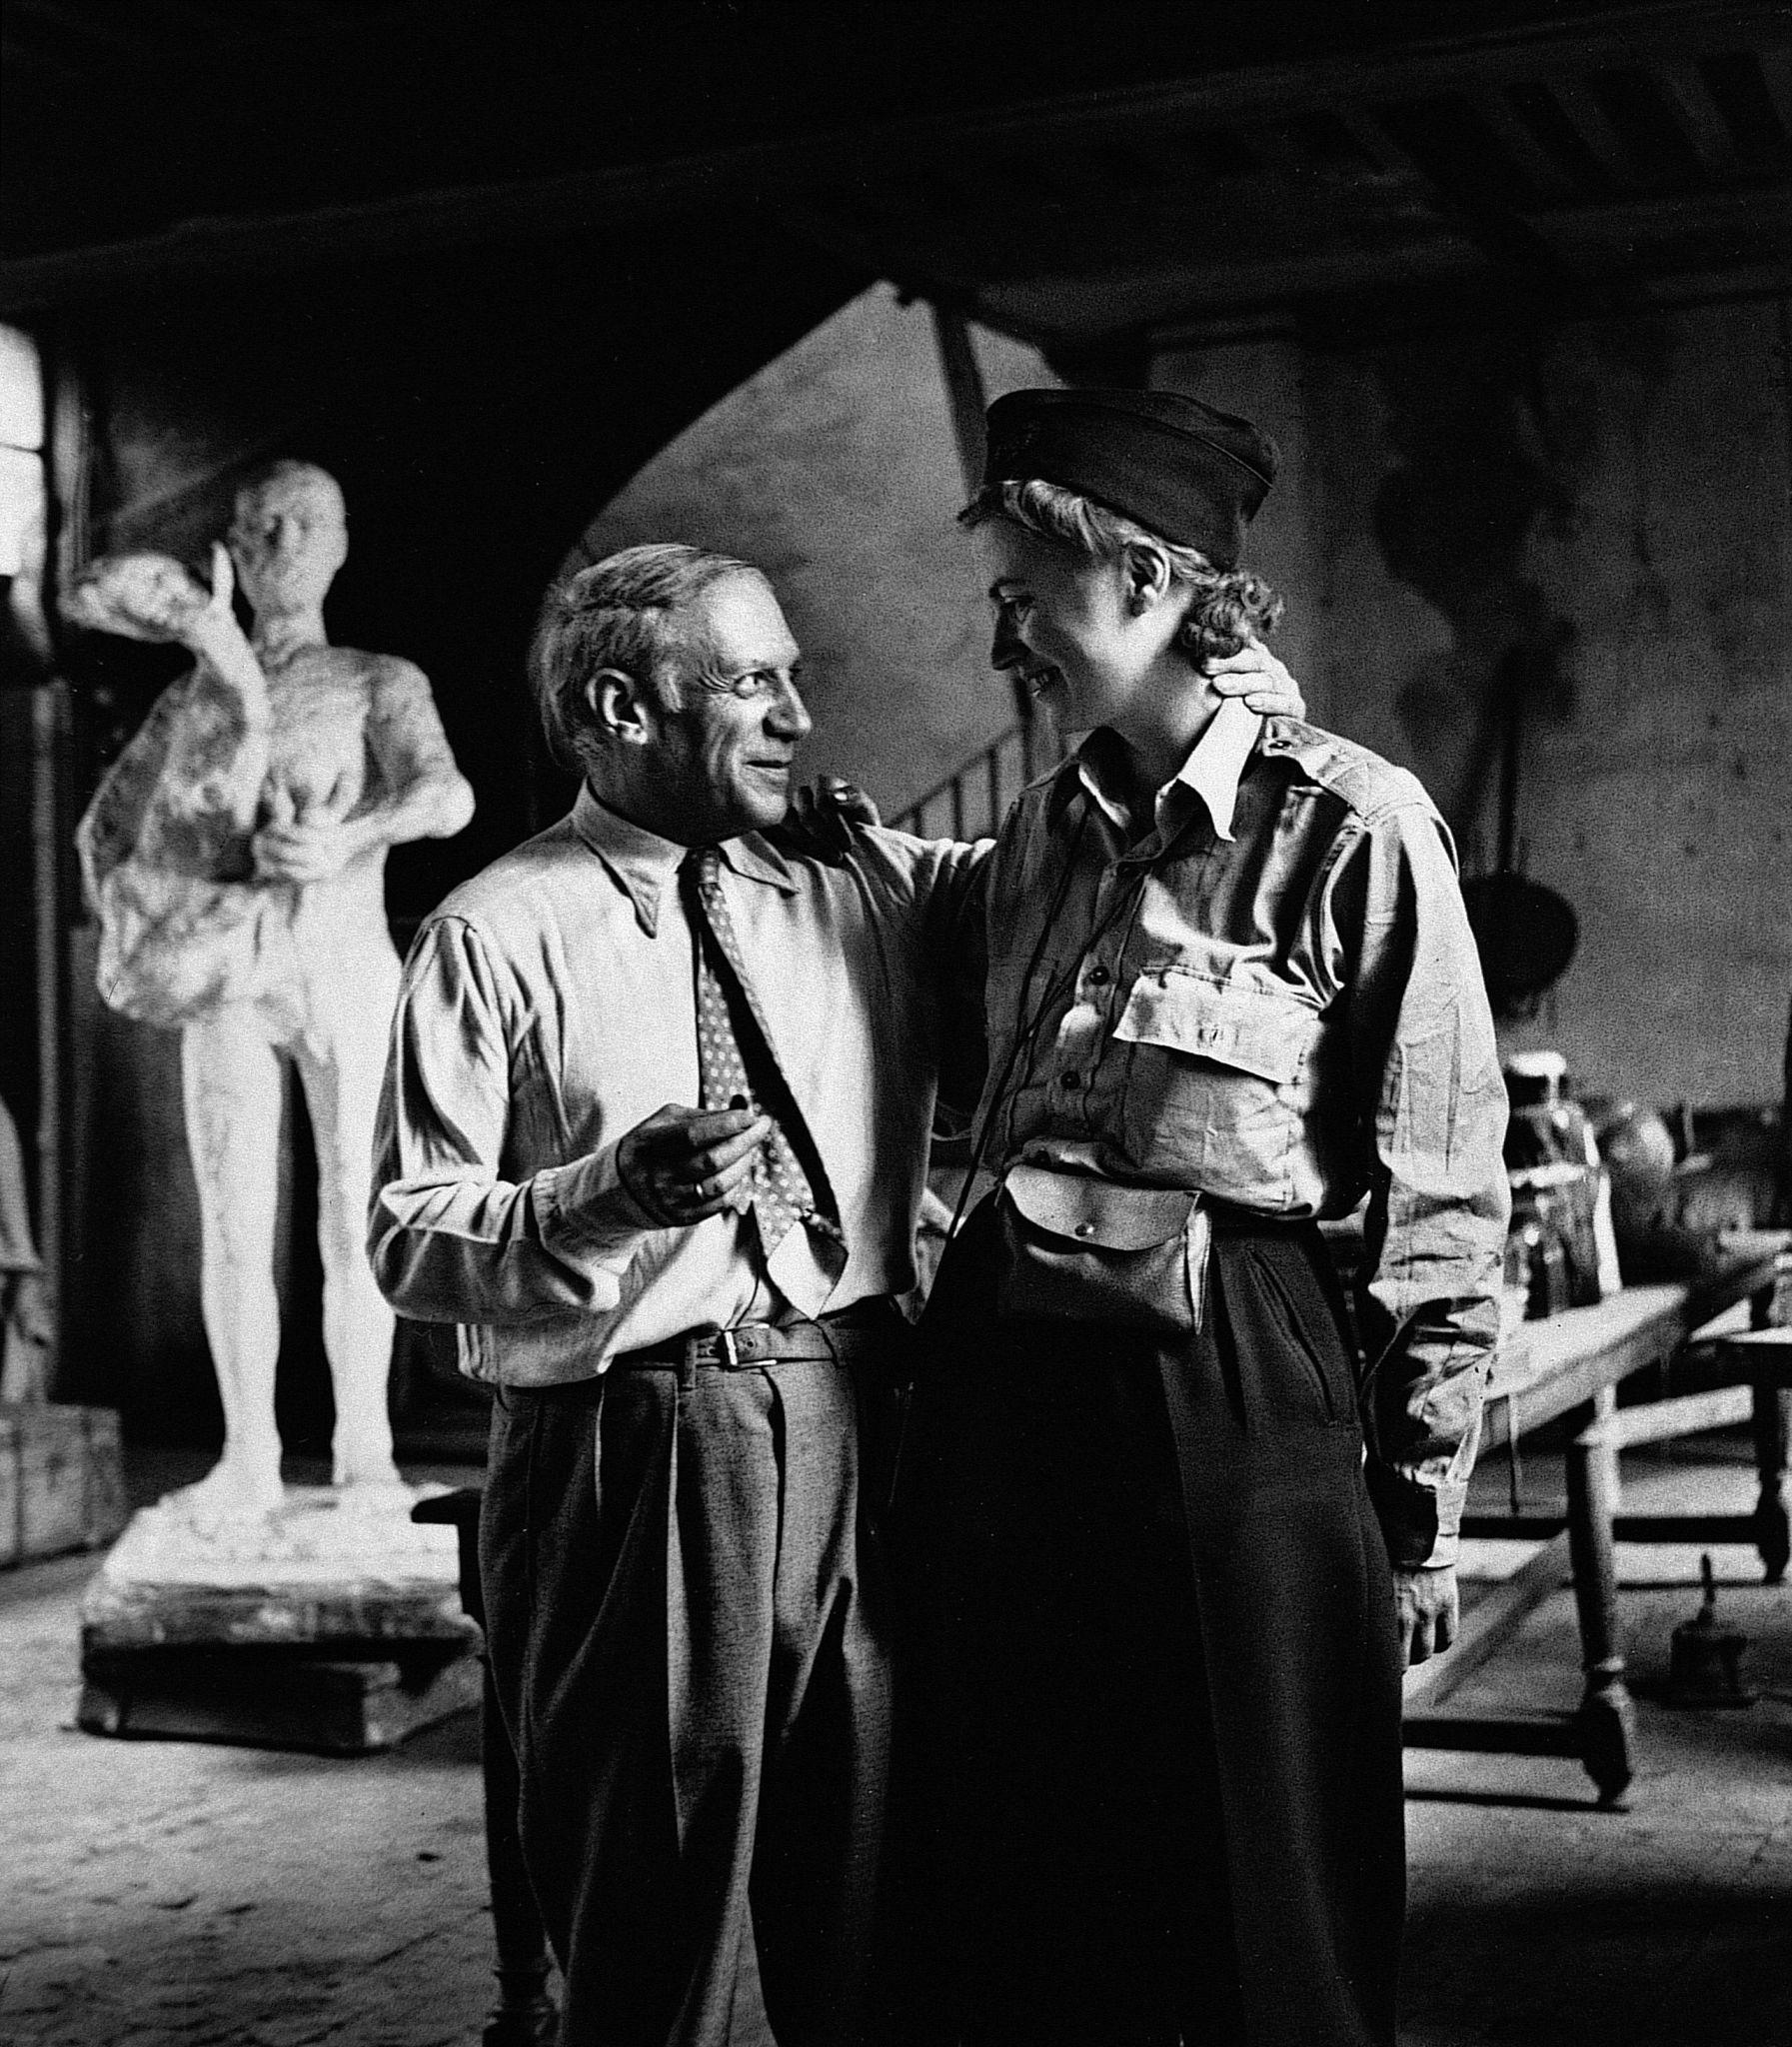 Lee Miller e Picasso depois da libertação de Paris, por Lee Miller, Paris, França, 1944 / Cortesia National Galleries of Scotland